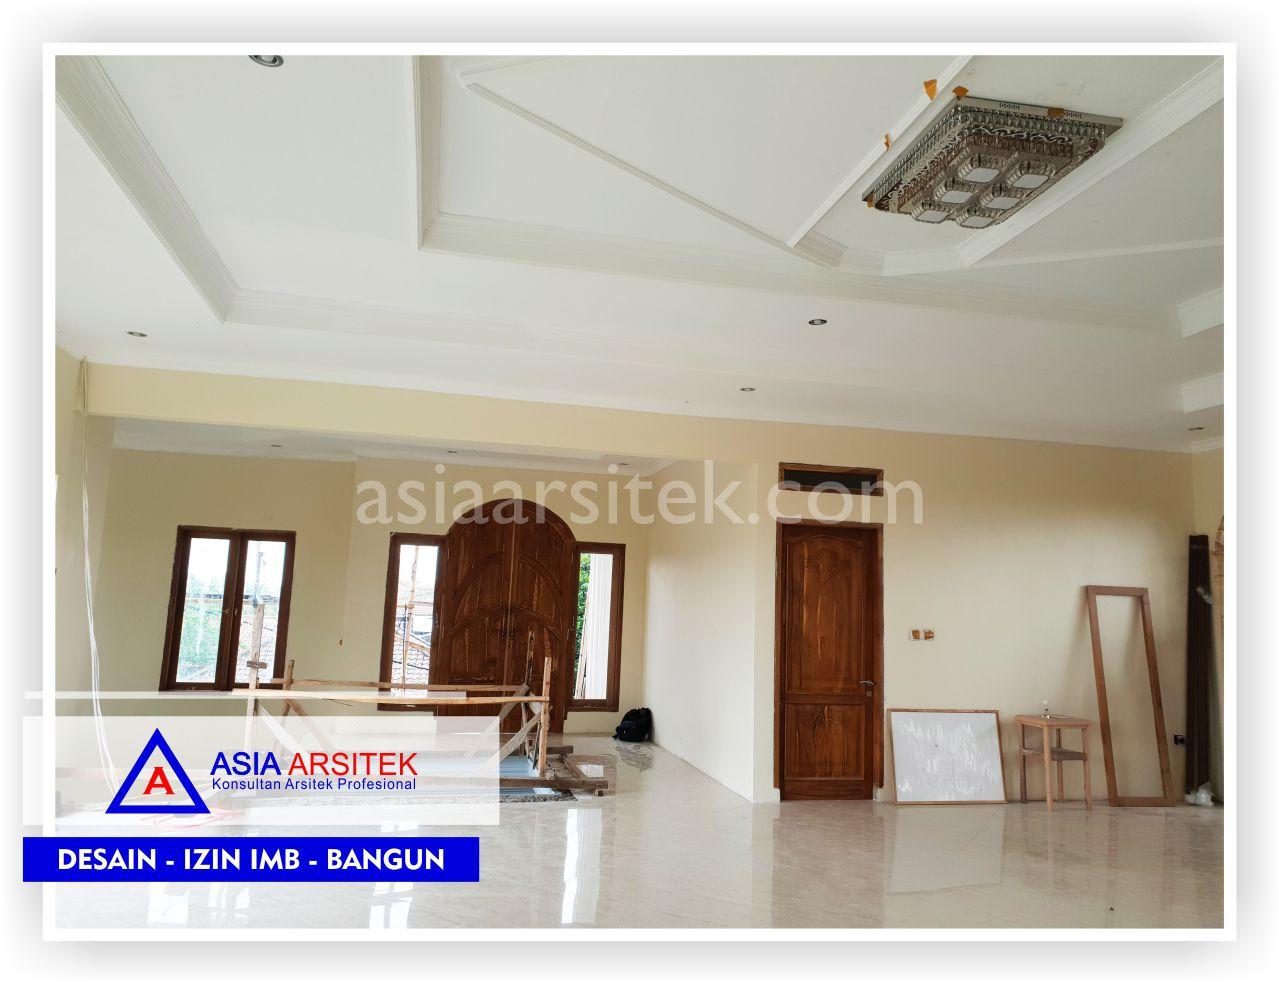 Area Interior Rumah Klasik Mewah Bu Iis - Arsitek Desain Rumah Minimalis Modern Di Bandung-Tangerang-Bogor-Bekasi-Jakarta-Jasa Konsultan Desain Arsitek Profesional (1)